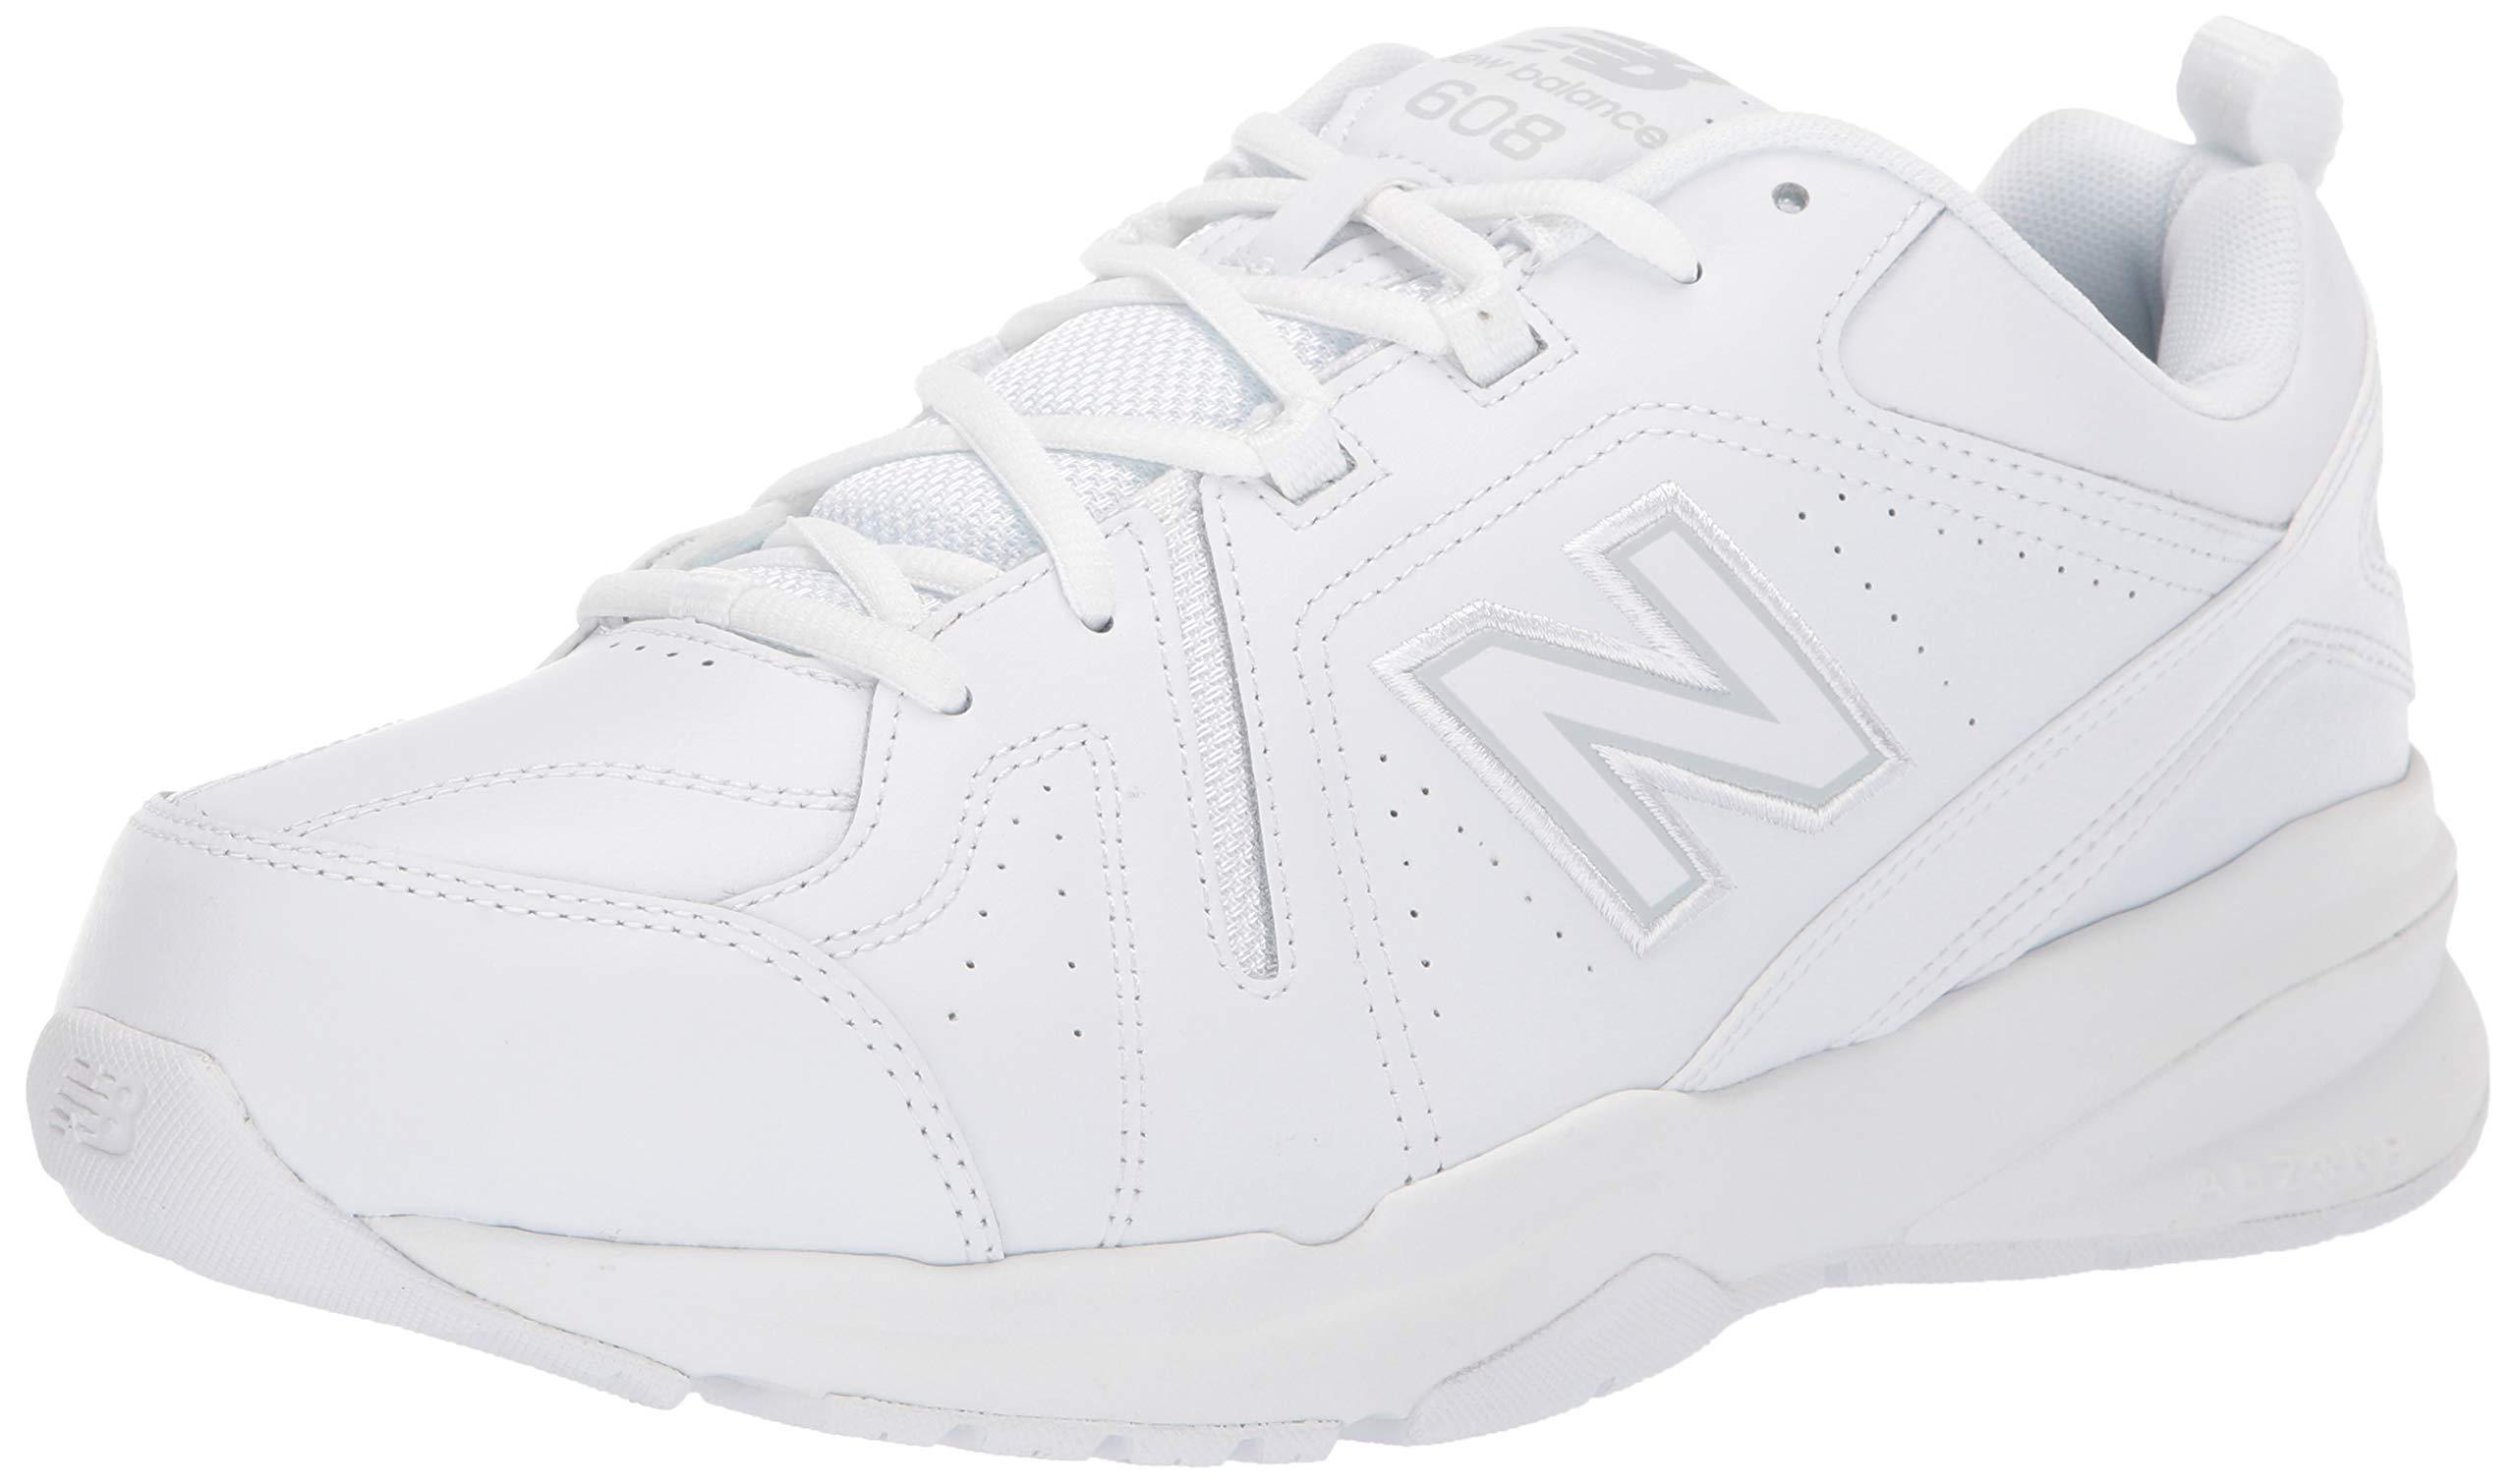 New Balance Men's 608v5 Casual Comfort Cross Trainer White, 6.5 D US